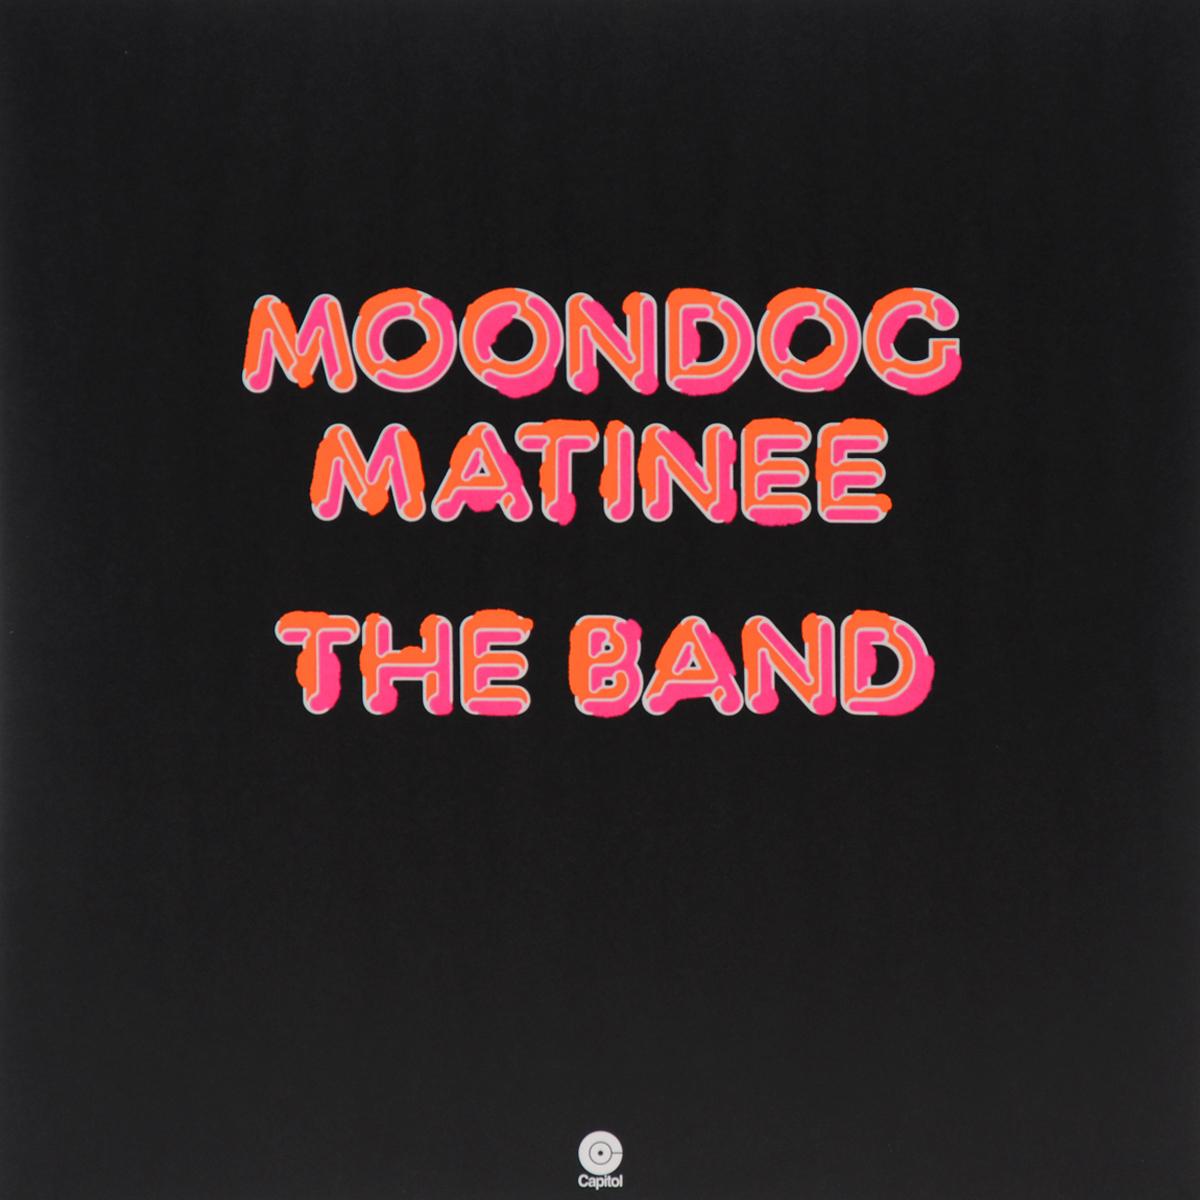 Издание содержит постер, а также код для загрузки цифровой версии альбома.